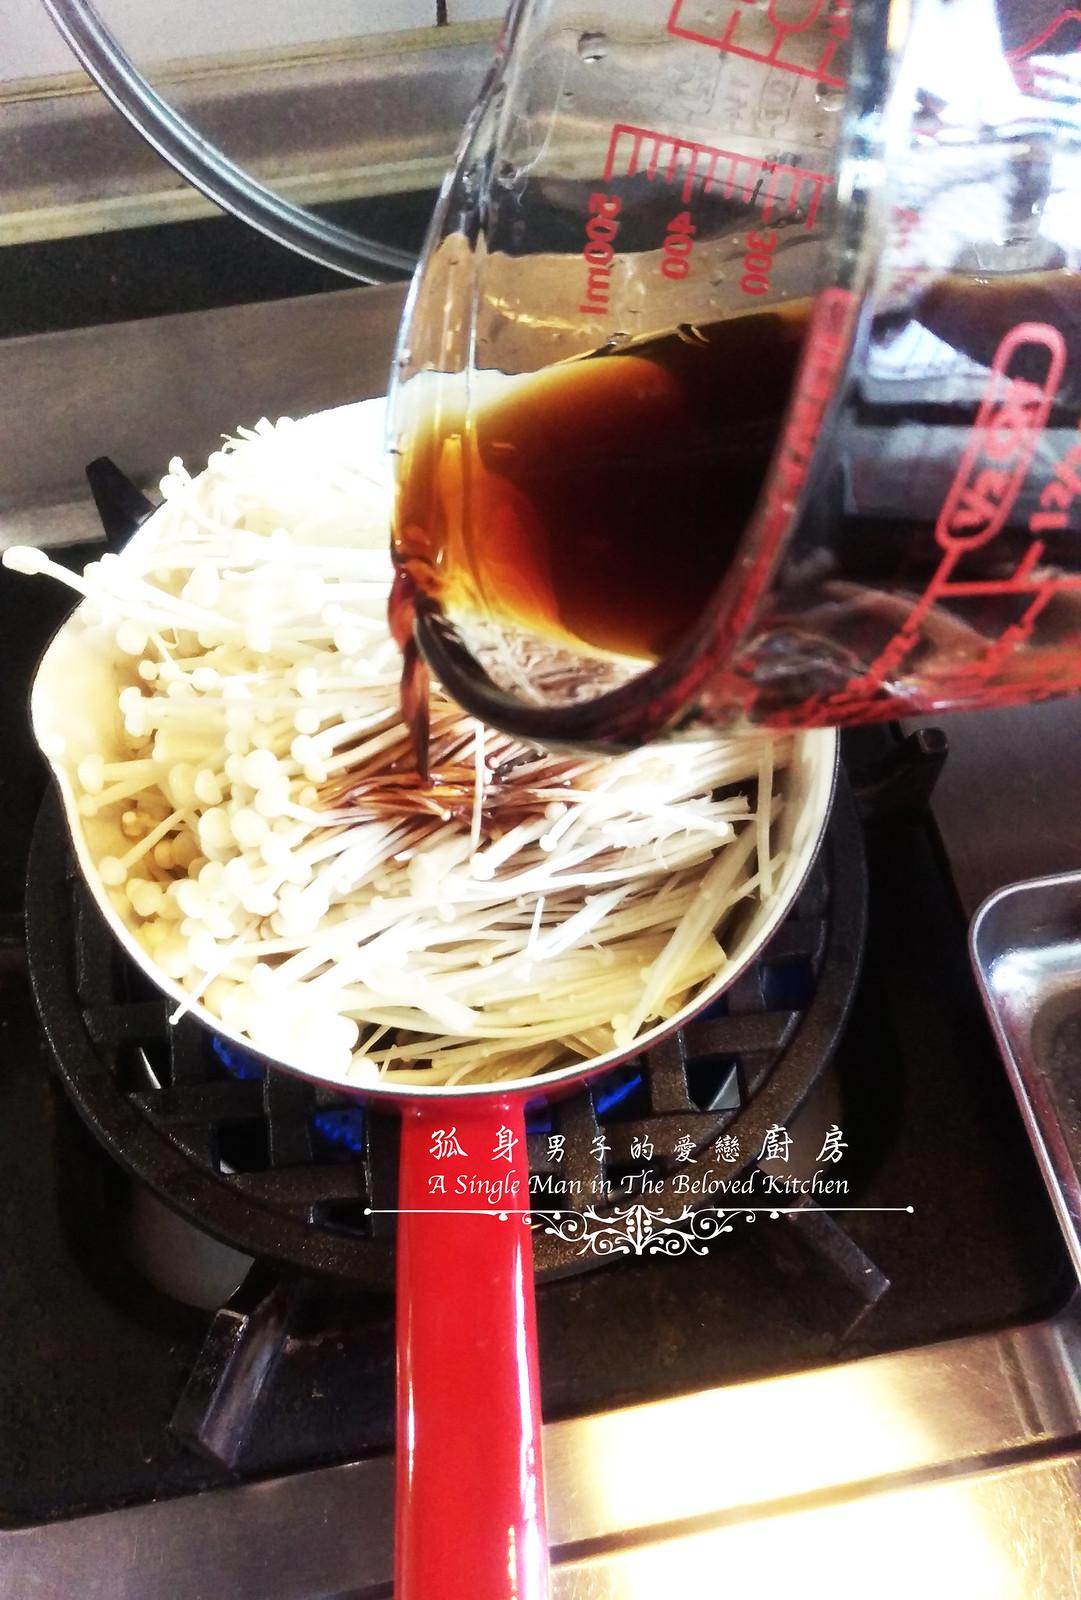 孤身廚房-食譜書《常備菜》試作——筑前煮、醬煮金針菇。甜滋滋溫暖和風味13